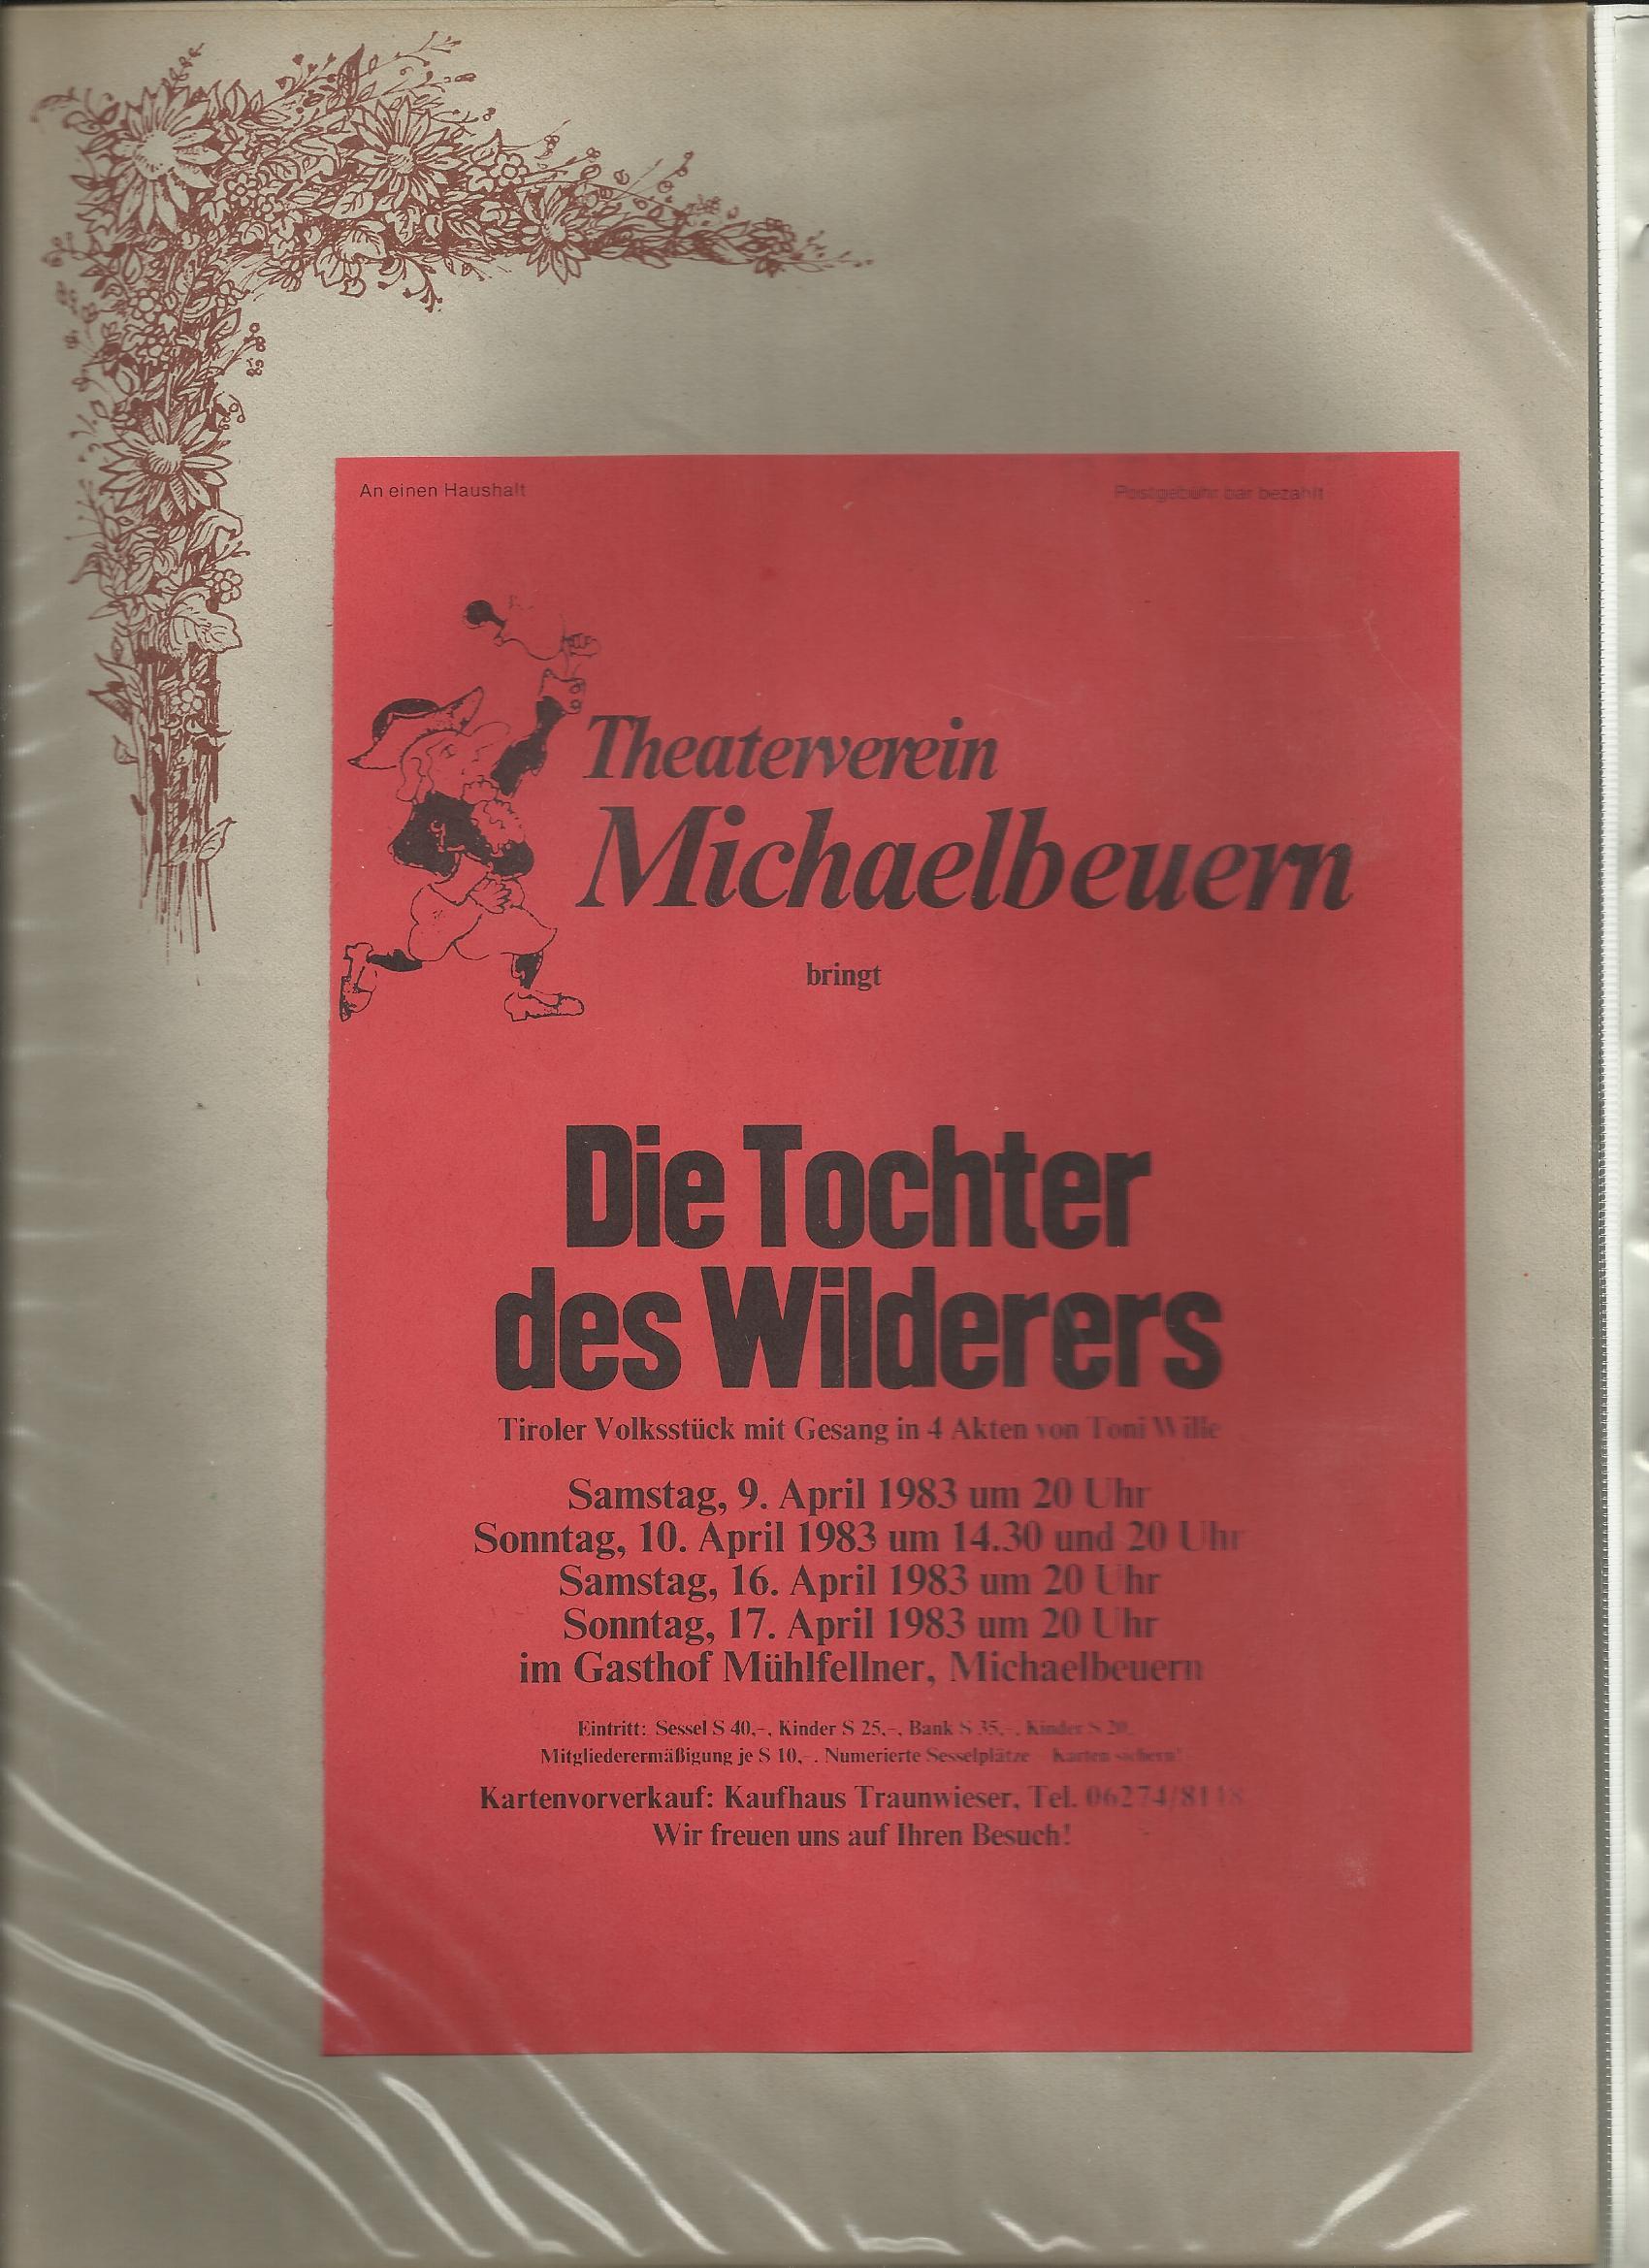 TV 1983 Die Tochter des Wilderers0001